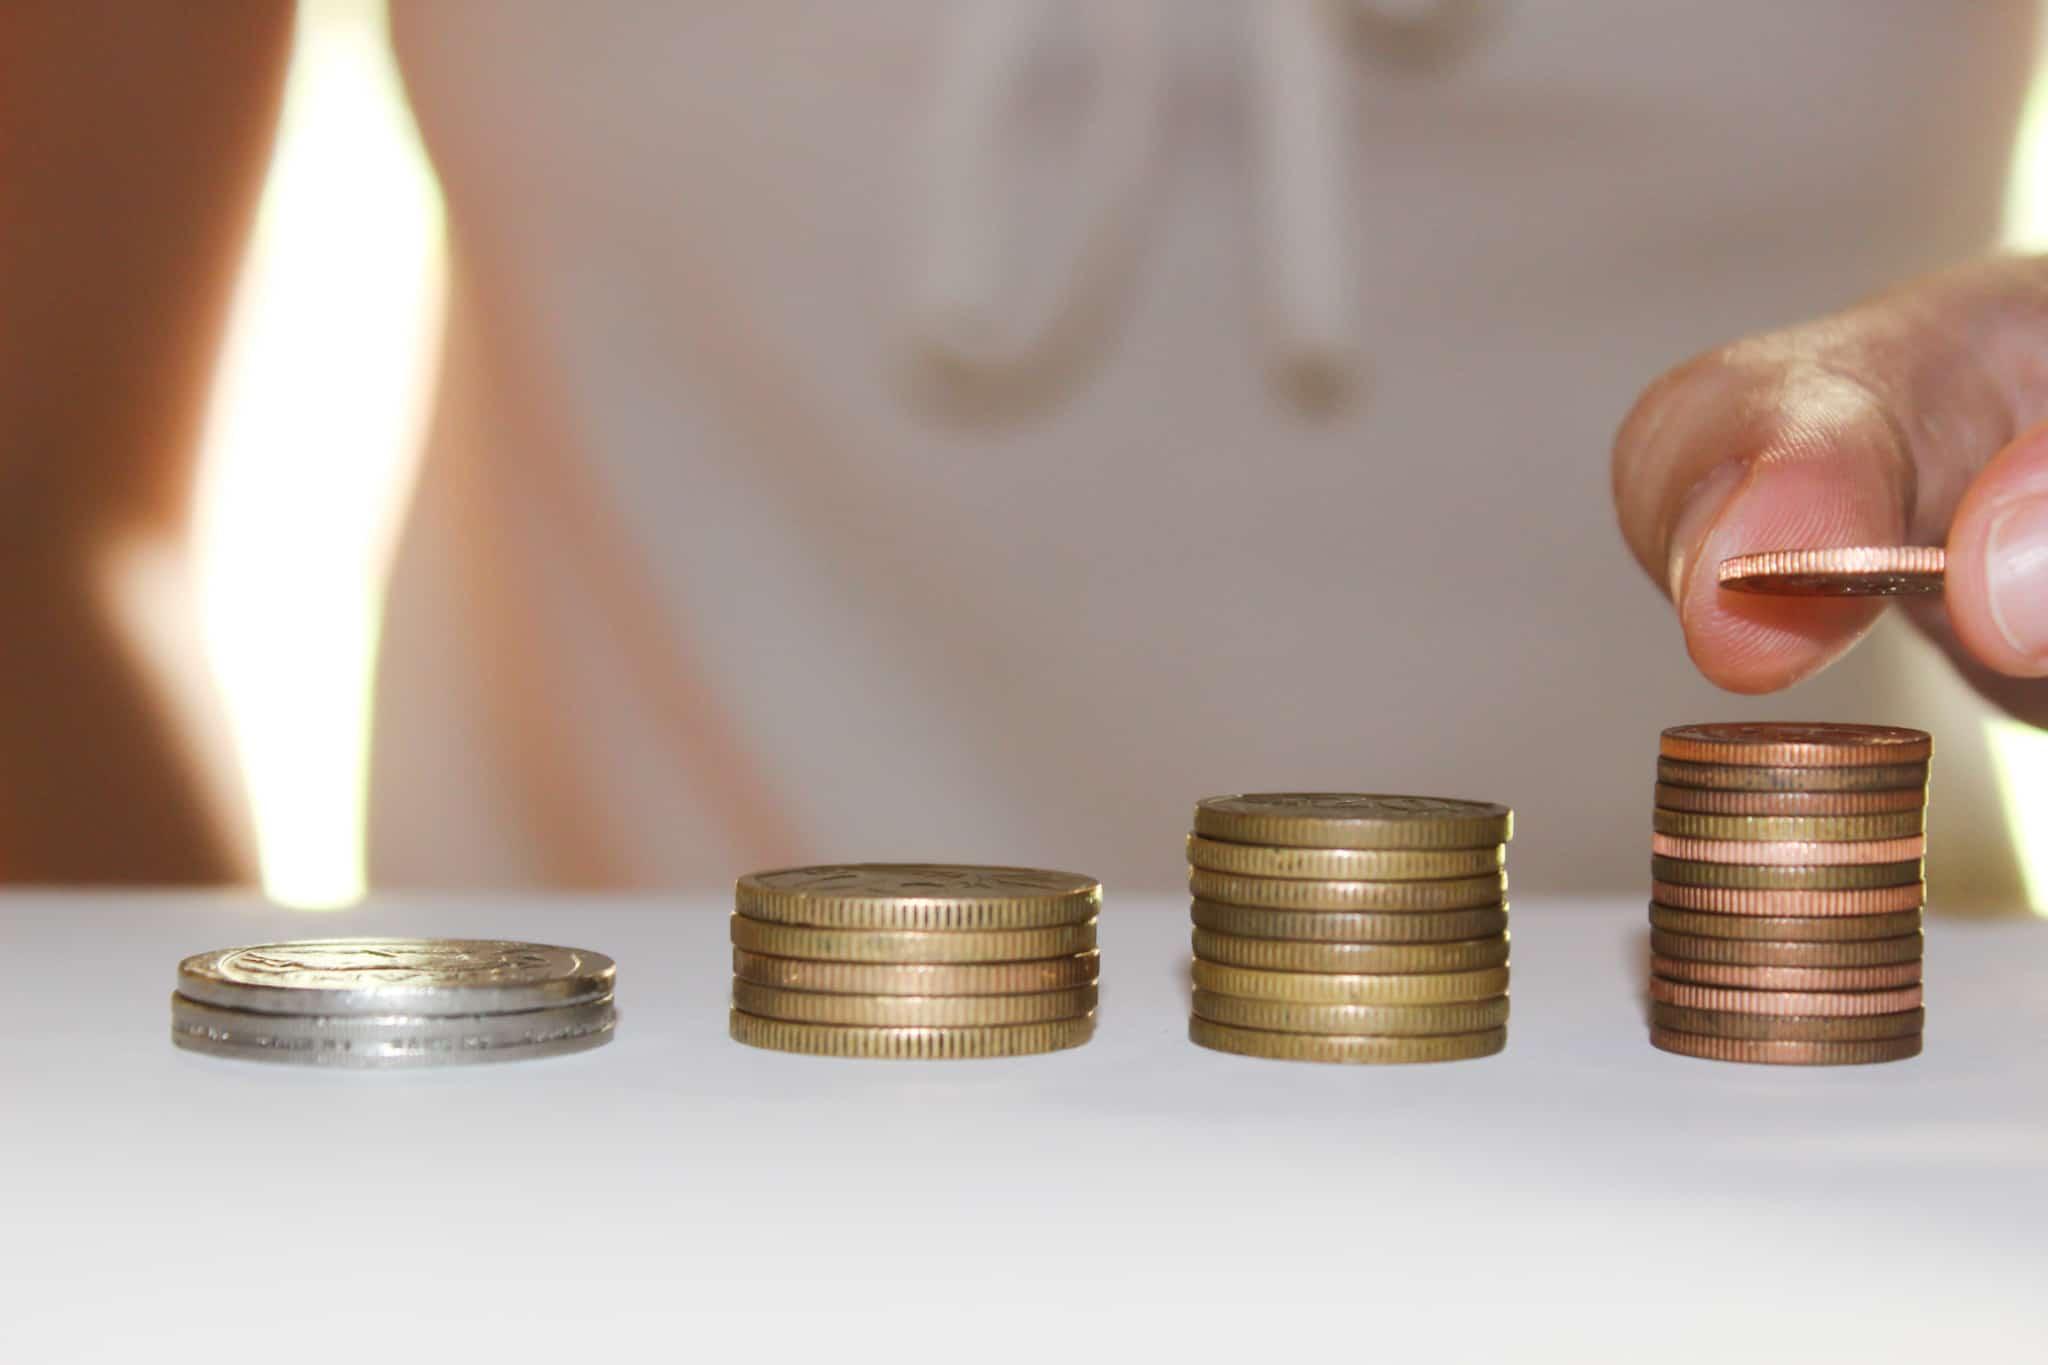 quatro montes de moedas